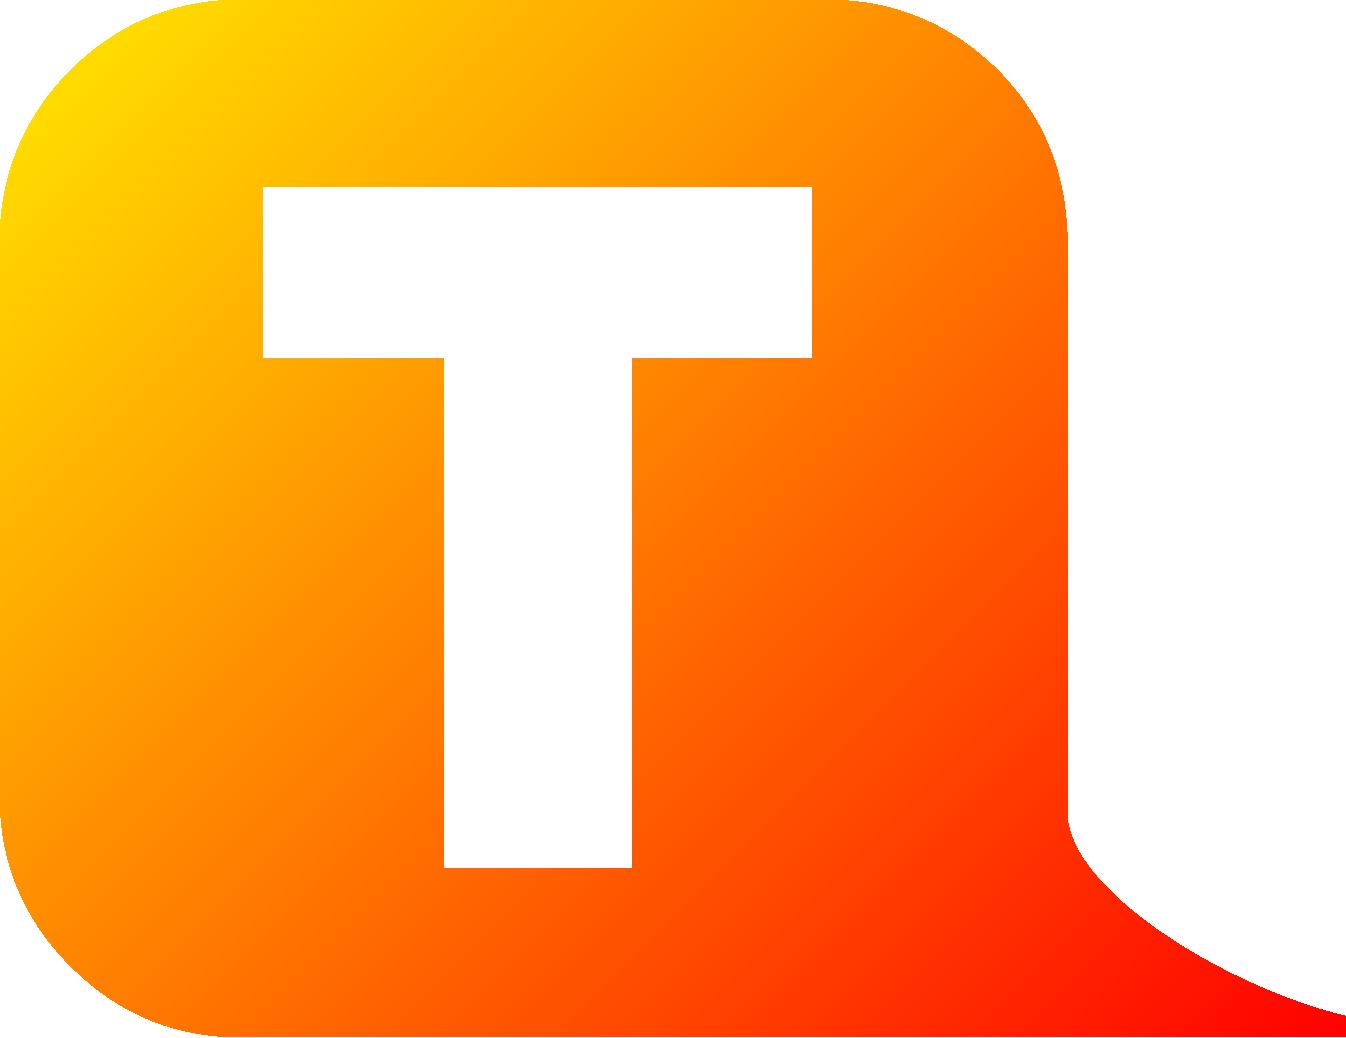 Logo T Png 7 #24605.